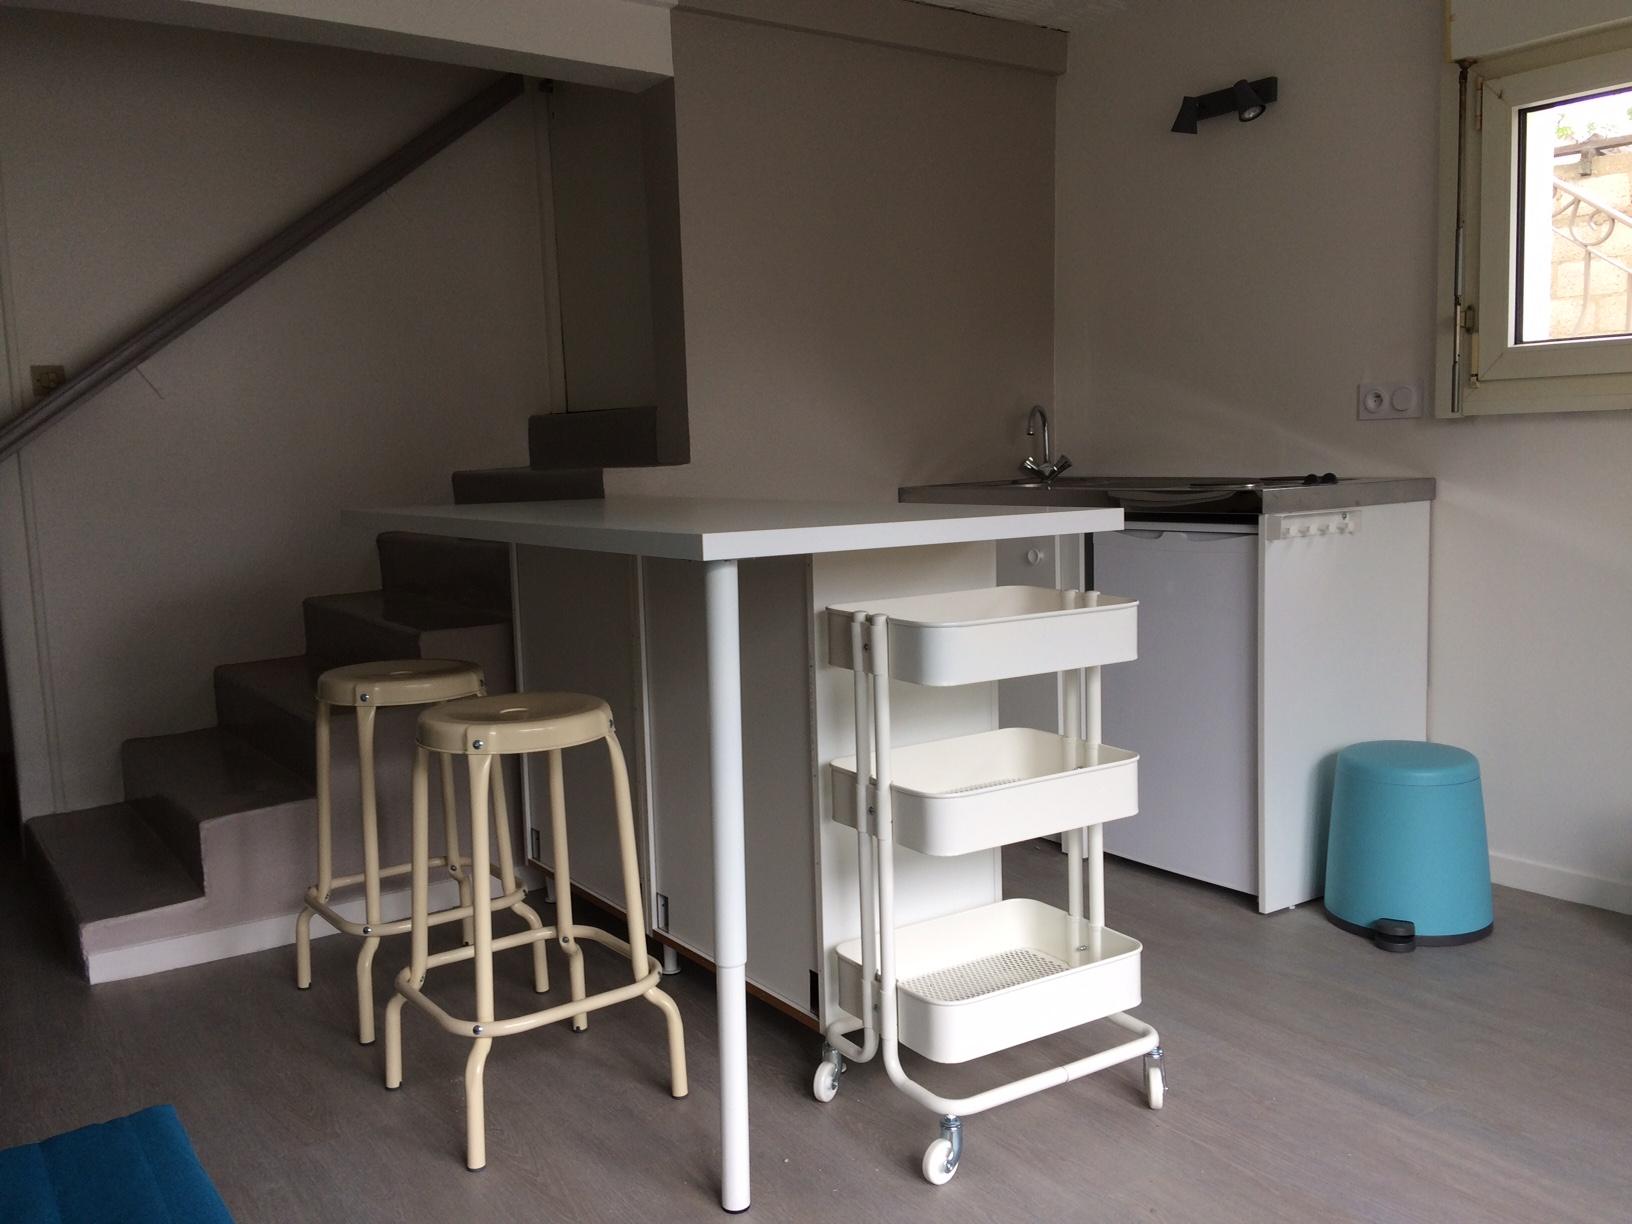 T1Bis Meuble – Rennes Vern | Art'office Immobilier Propose destiné Location Meublé Rennes